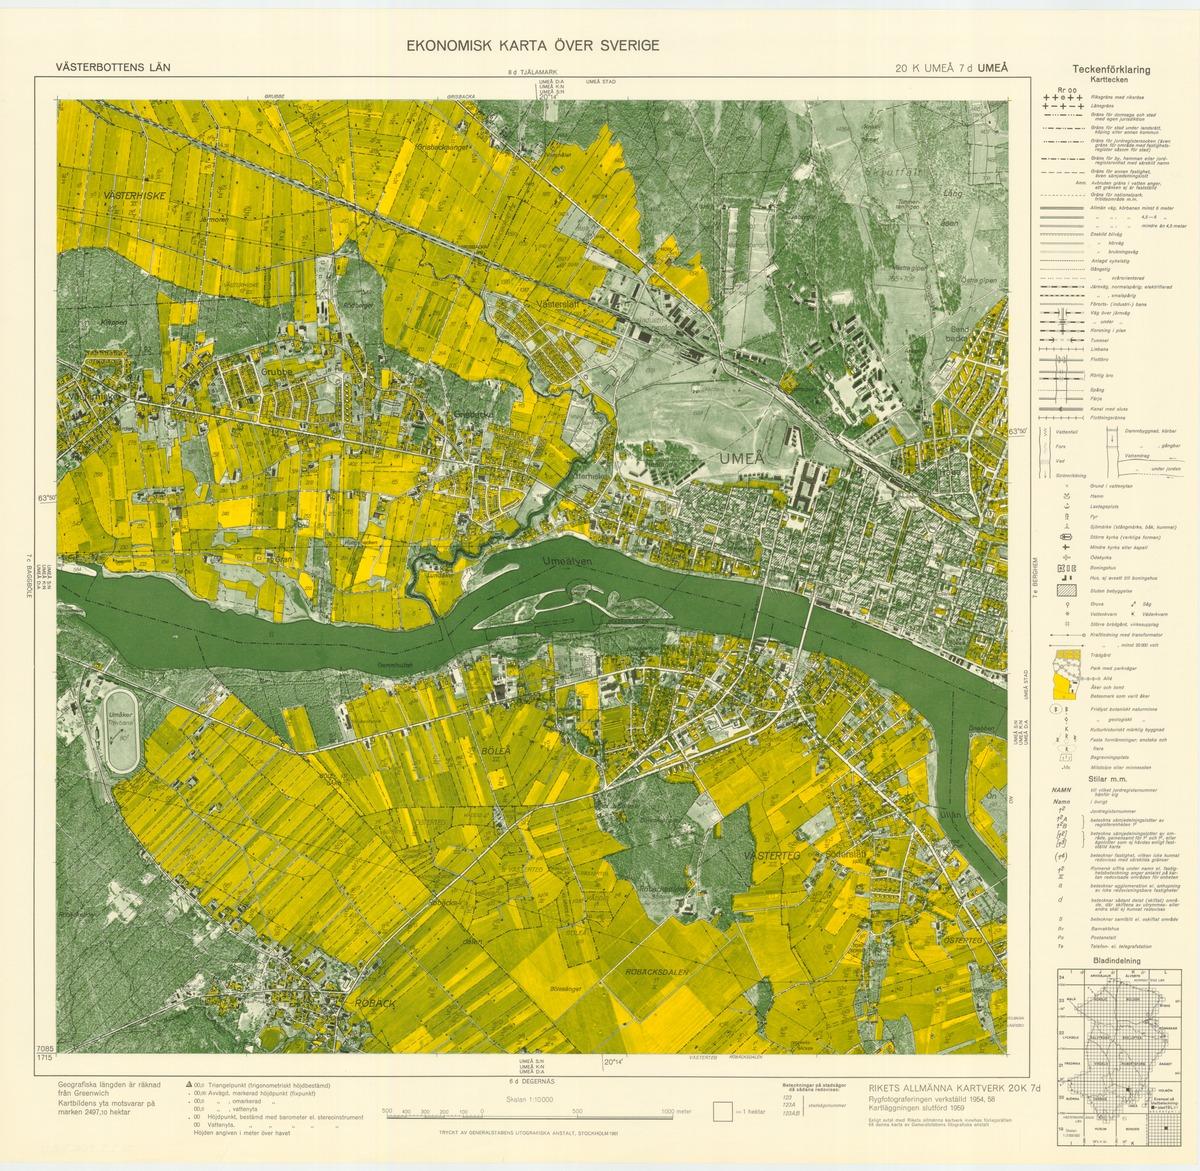 fastighetsgränser karta gratis Ekonomisk karta – Wikipedia fastighetsgränser karta gratis